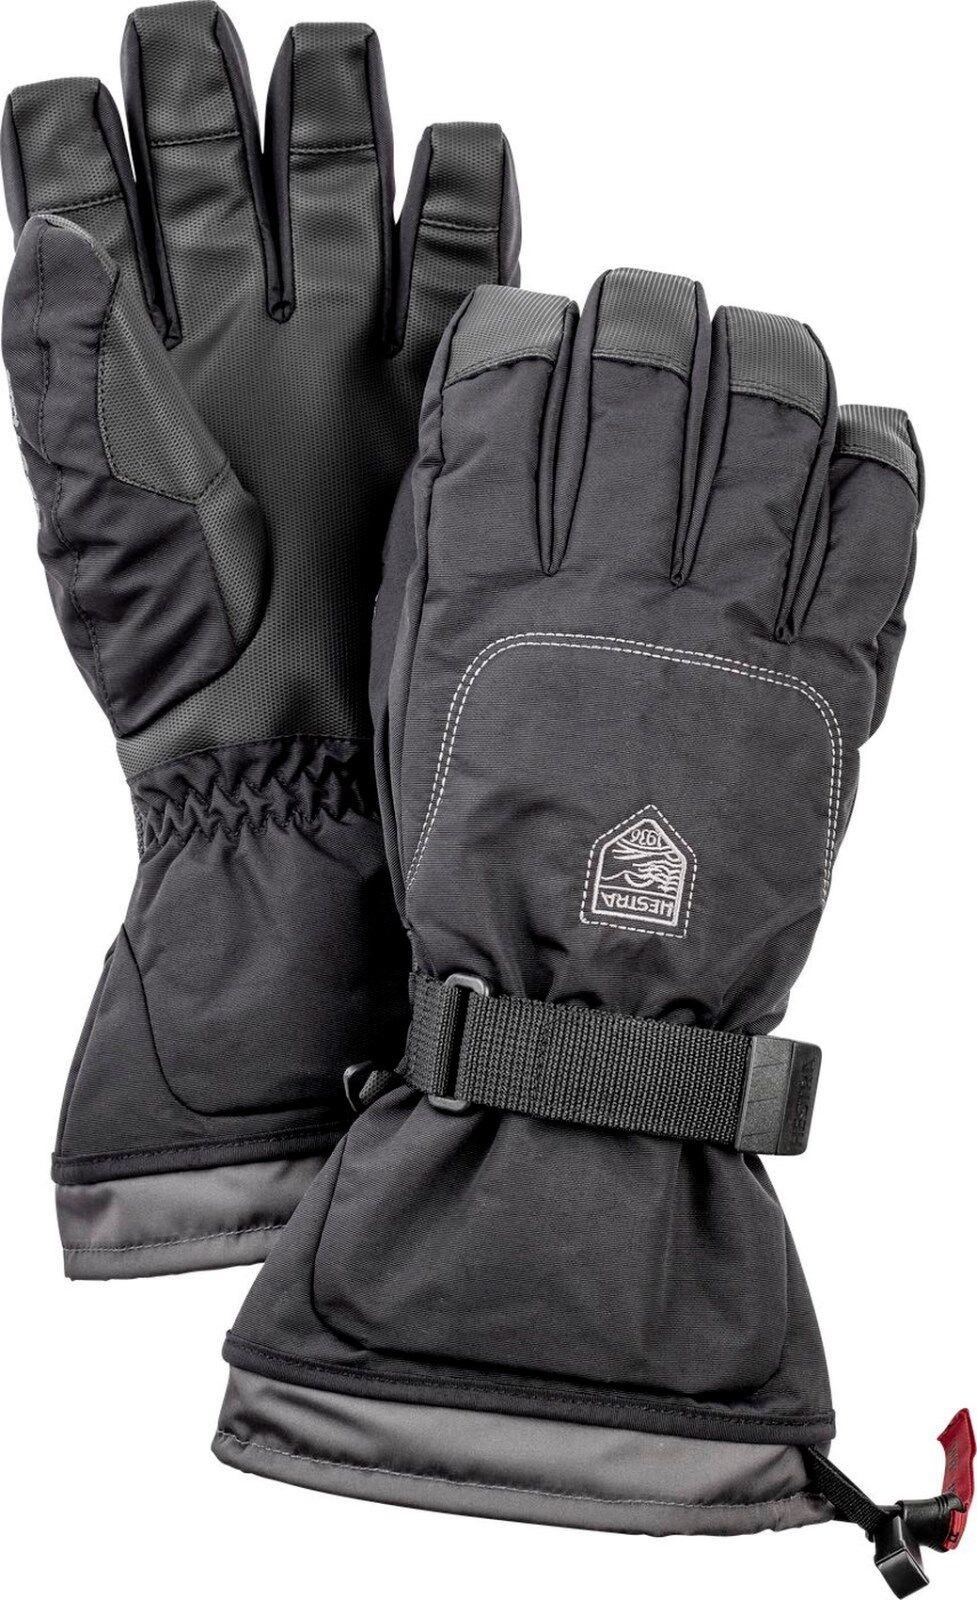 Hestra invierno guantes, esquiar Gauntlet Sr. 5  guante Hestra  nuevo   Venta en línea precio bajo descuento